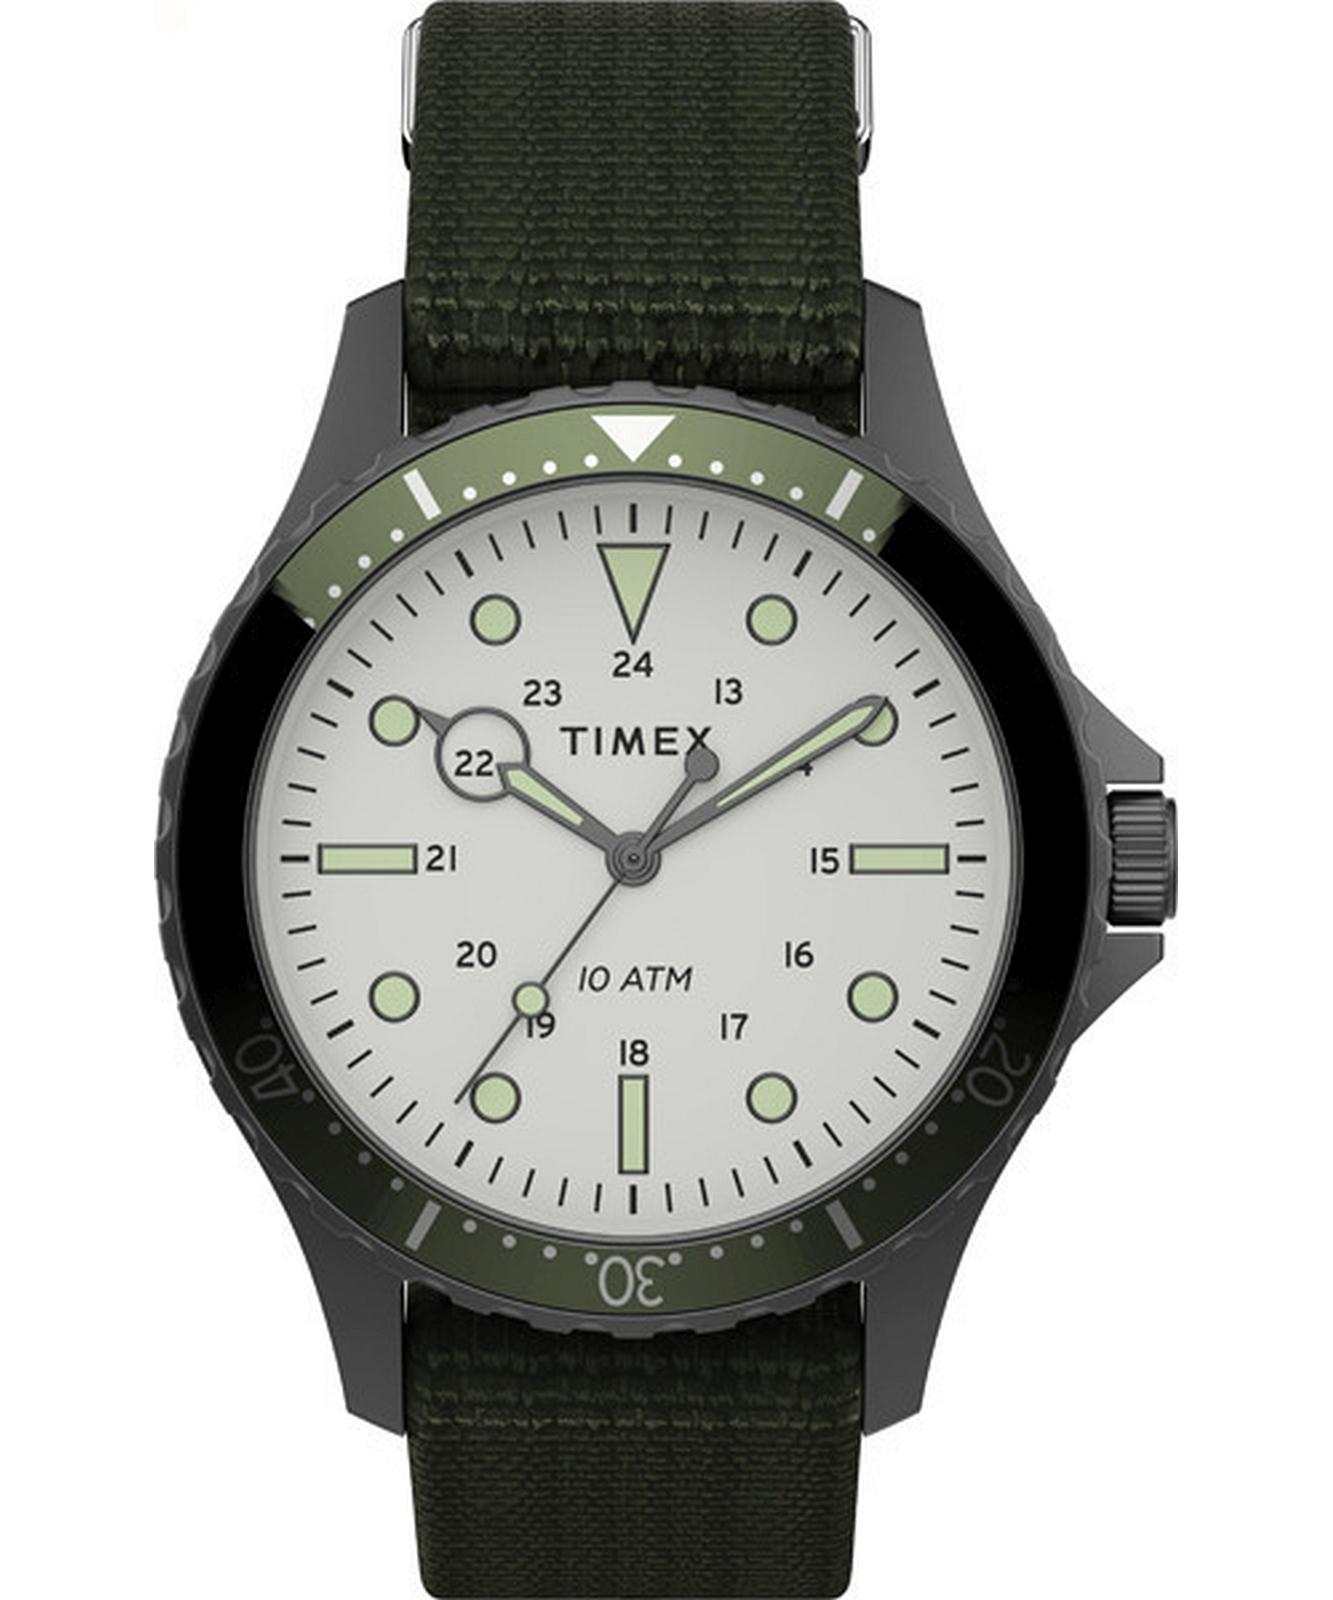 Timex TW2T75500 > Wysyłka tego samego dnia Grawer 0zł Darmowa dostawa Kurierem/Inpost Darmowy zwrot przez 100 DNI